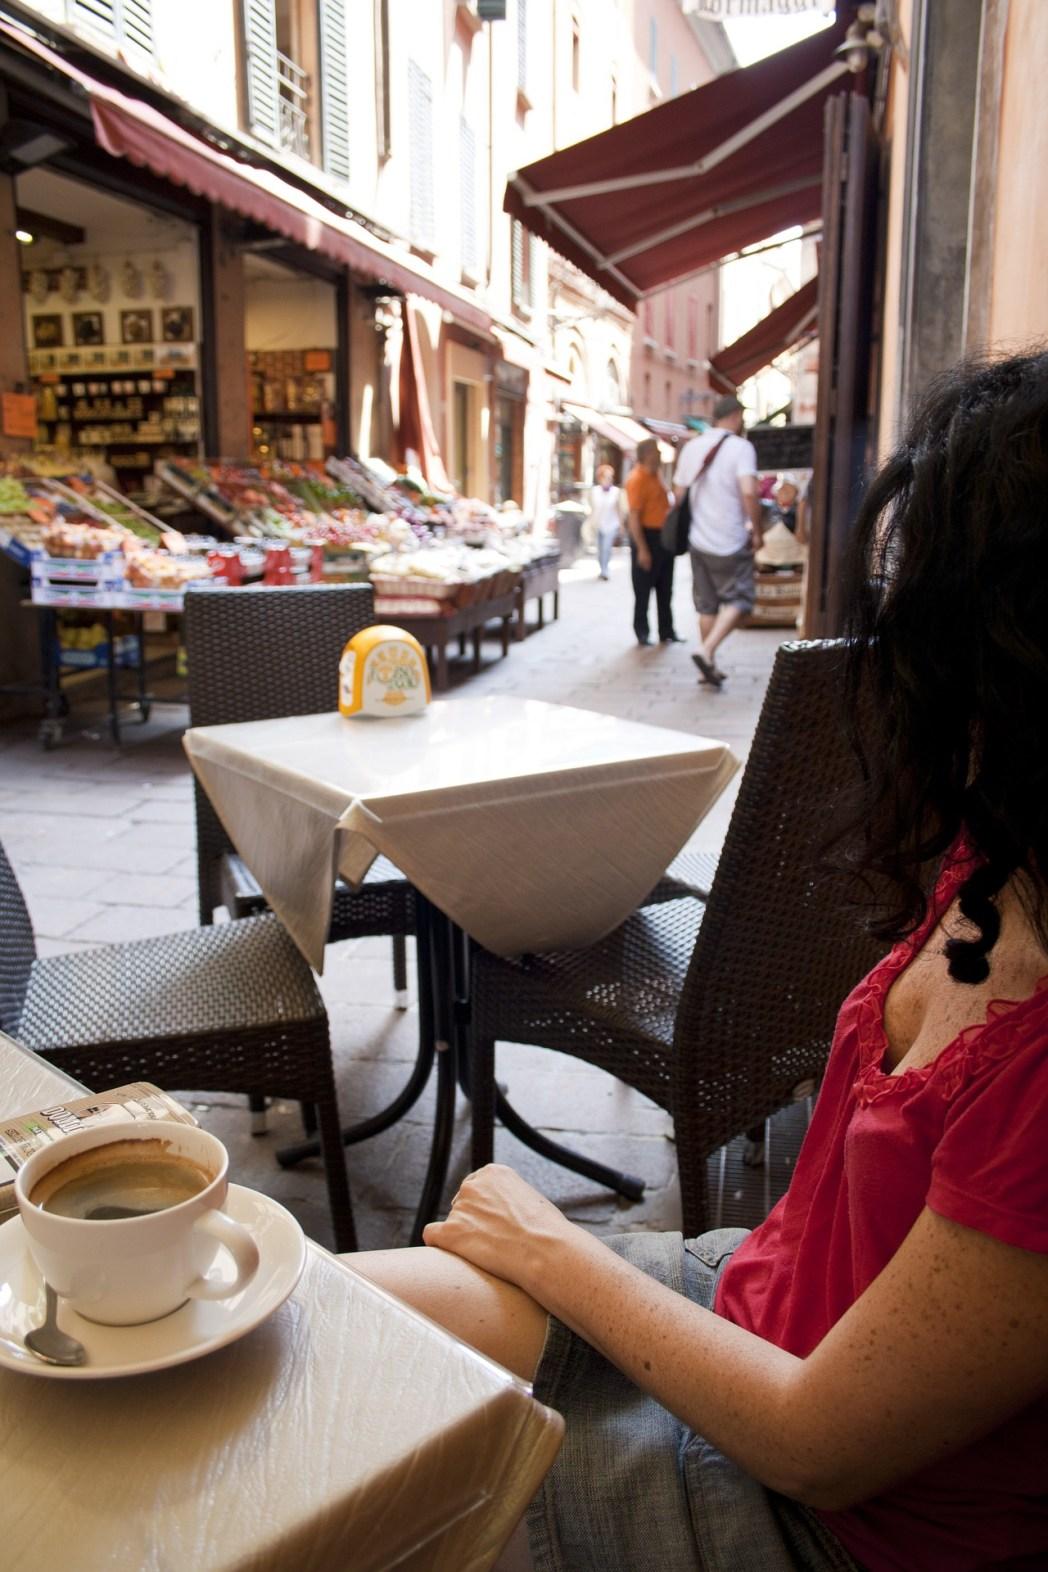 Κοπέλα που πίνει εσπρέσο σ' ένα καφέ του Κουαντριλατέρο